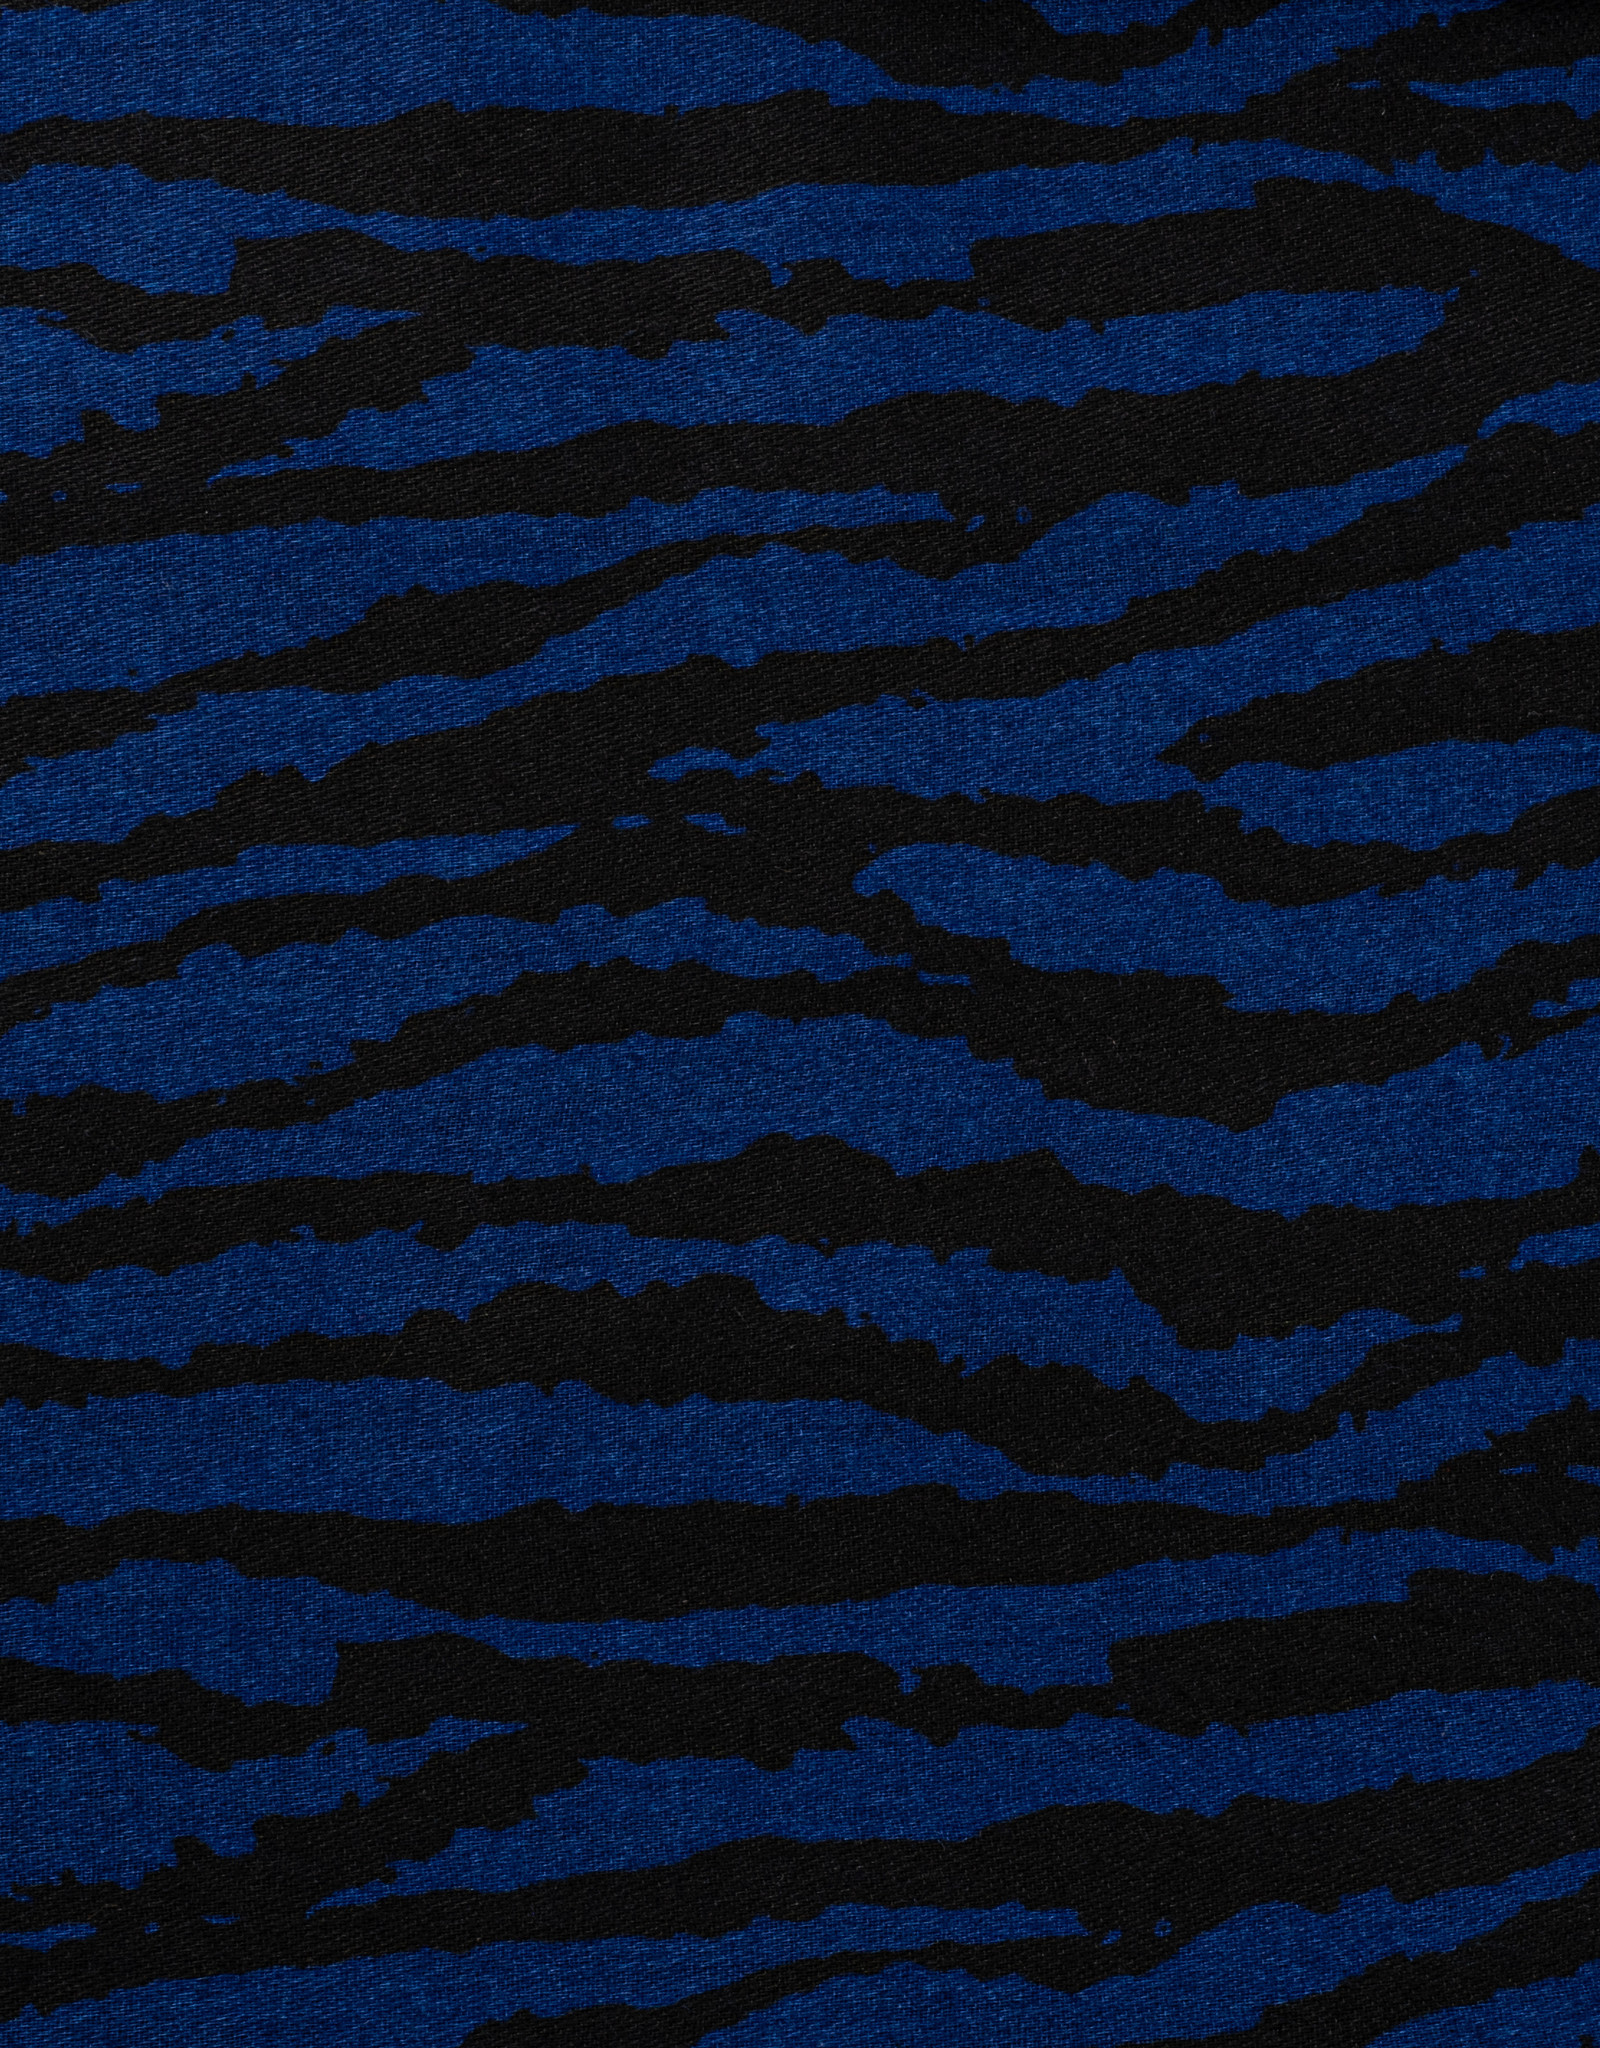 Cherie Cherie Zebra Printed Scarf Pretied